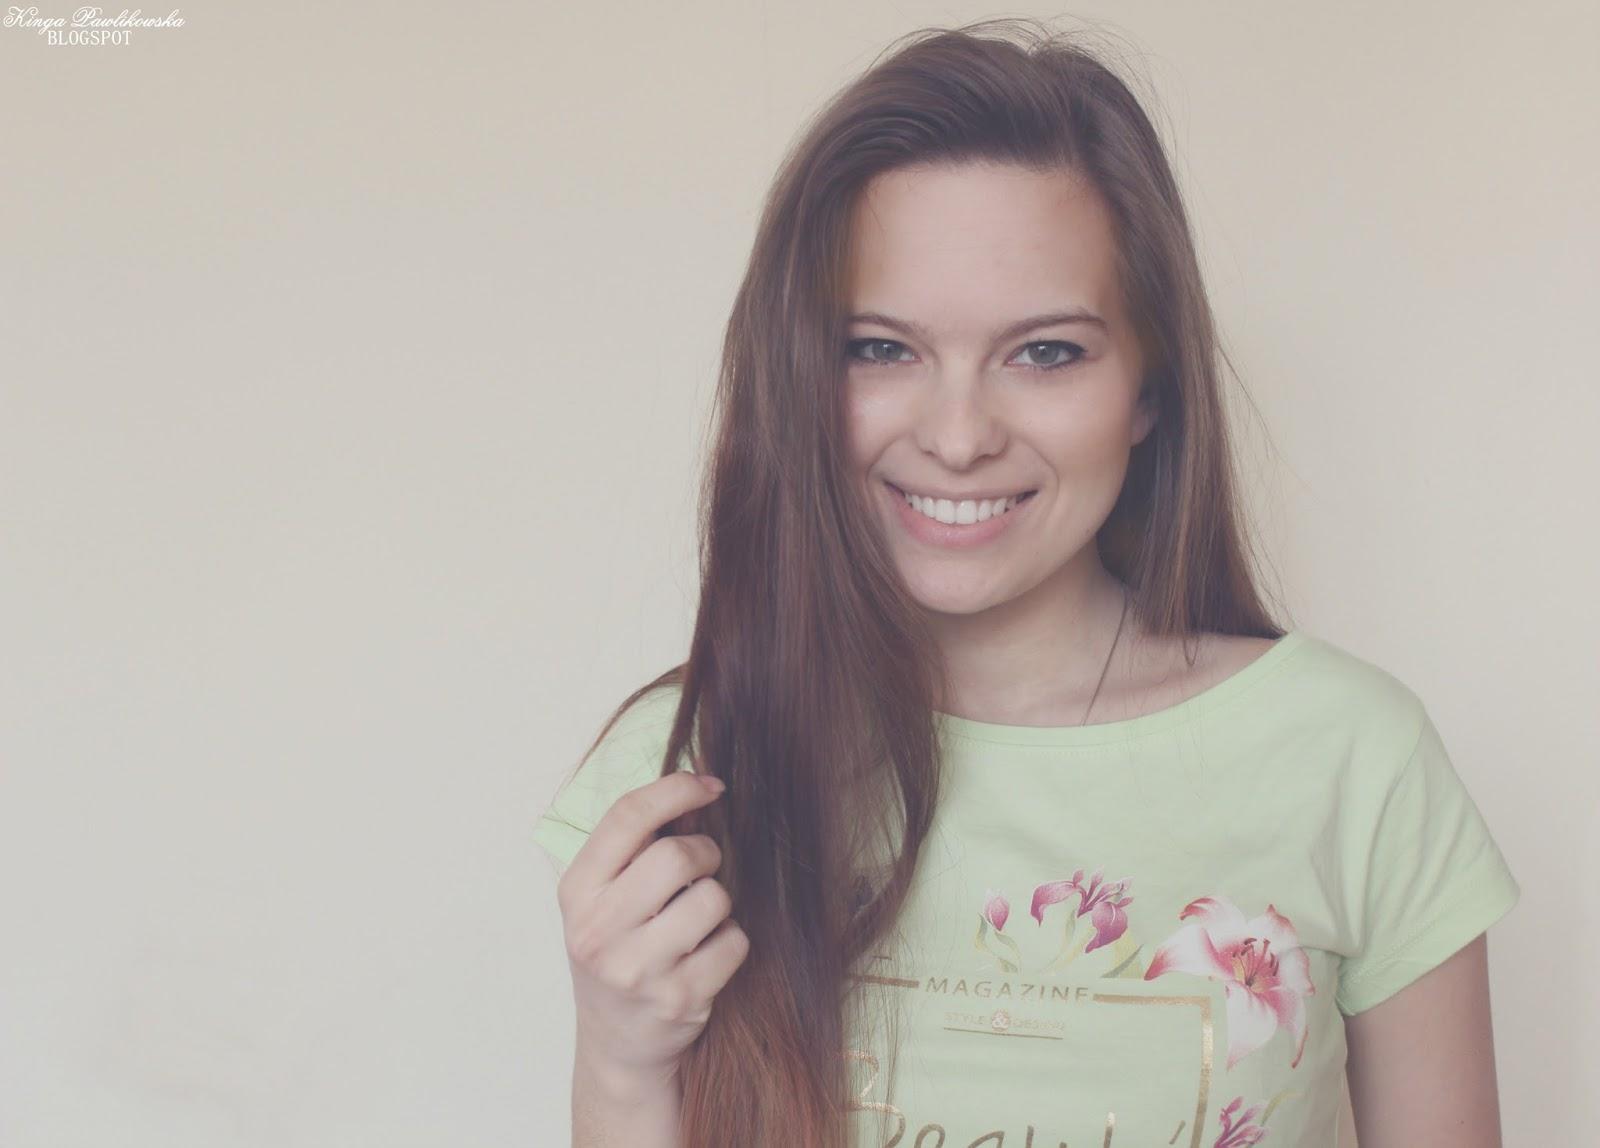 ❀ Pracowita niedziela + wiosenny t-shirt.